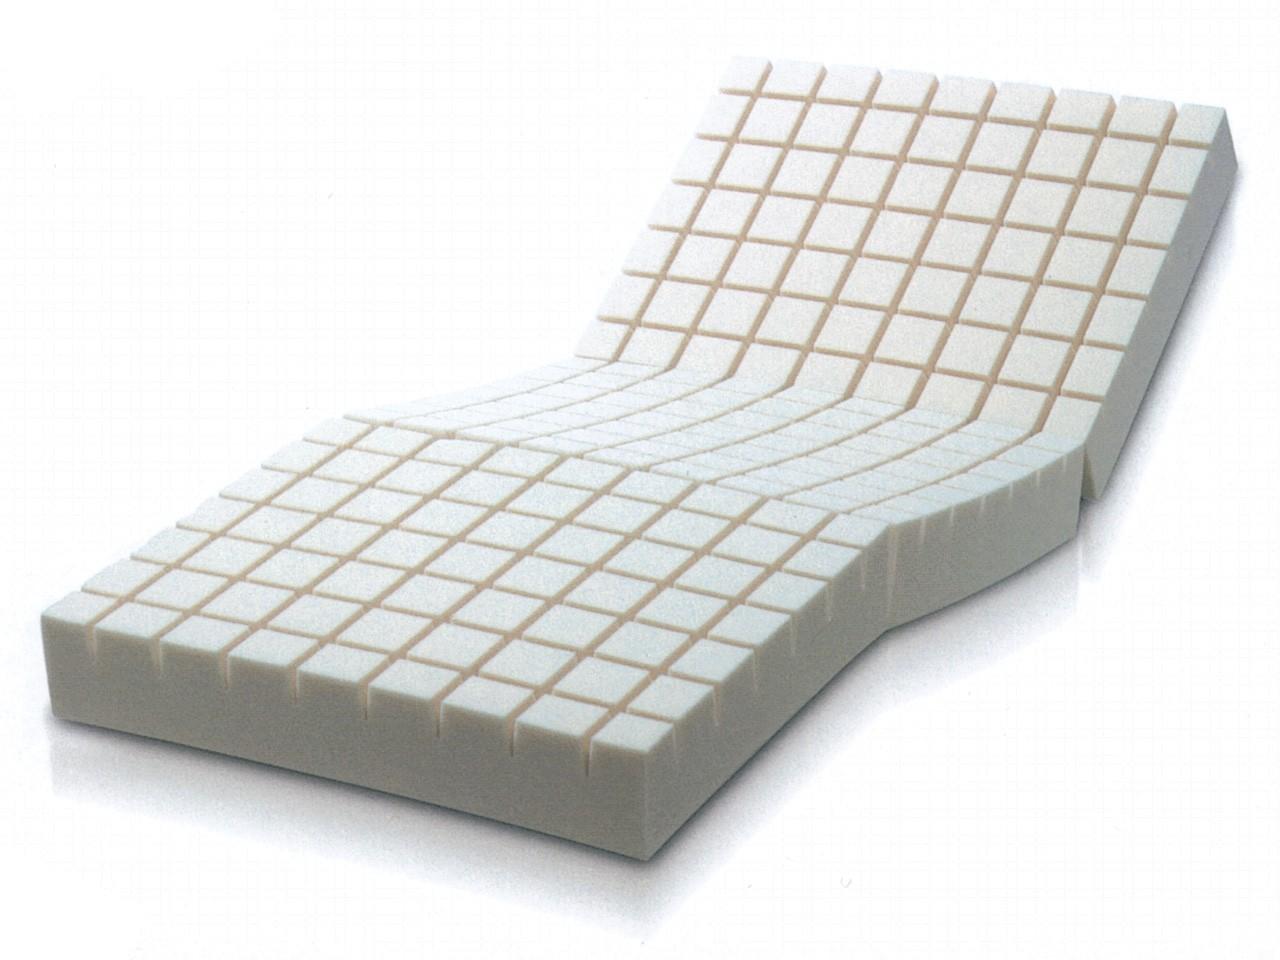 Vendita di materassi antidecubito online